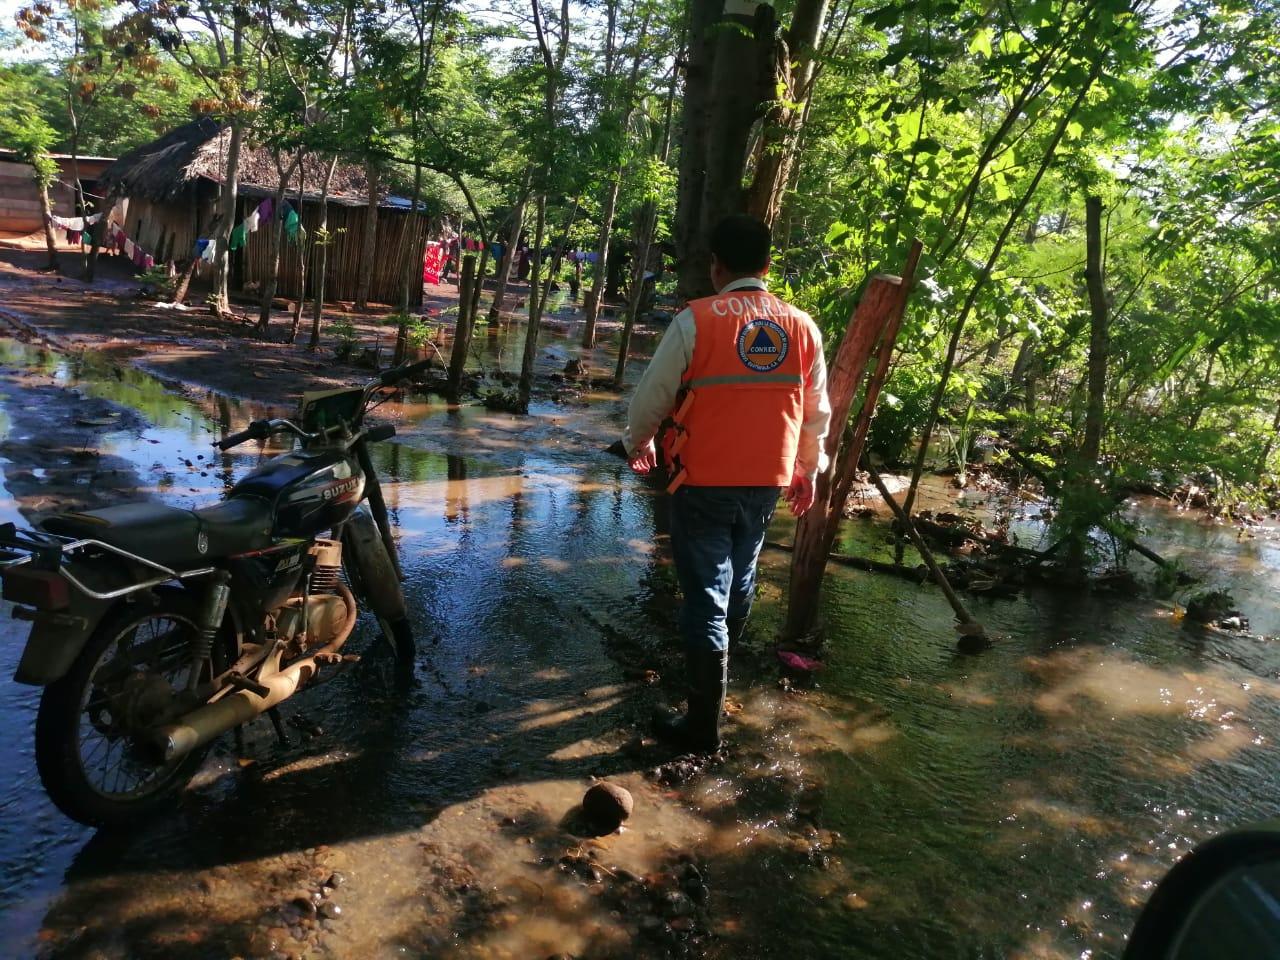 Lluvias de las últimas semanas dejaron 6,900 personas afectadas en el país